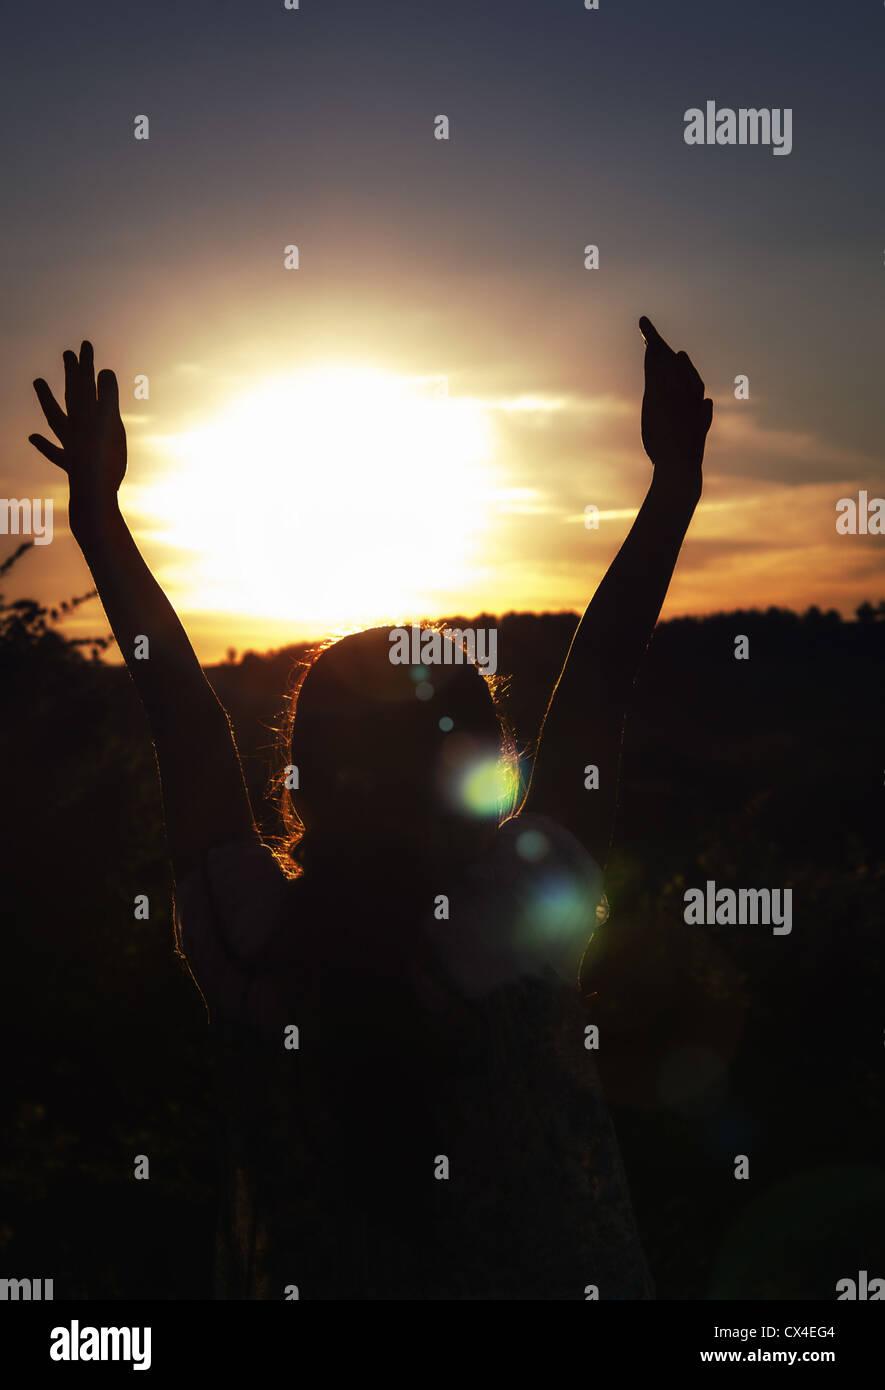 Junges Mädchen mit Händen, rund um die Sonne bei Sonnenuntergang Stockbild